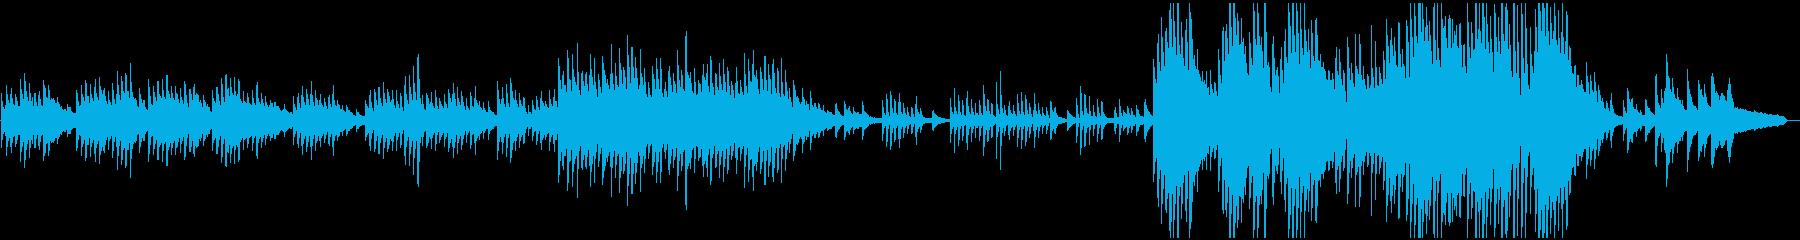 ピアノソロ:癒し系、エンディングの再生済みの波形